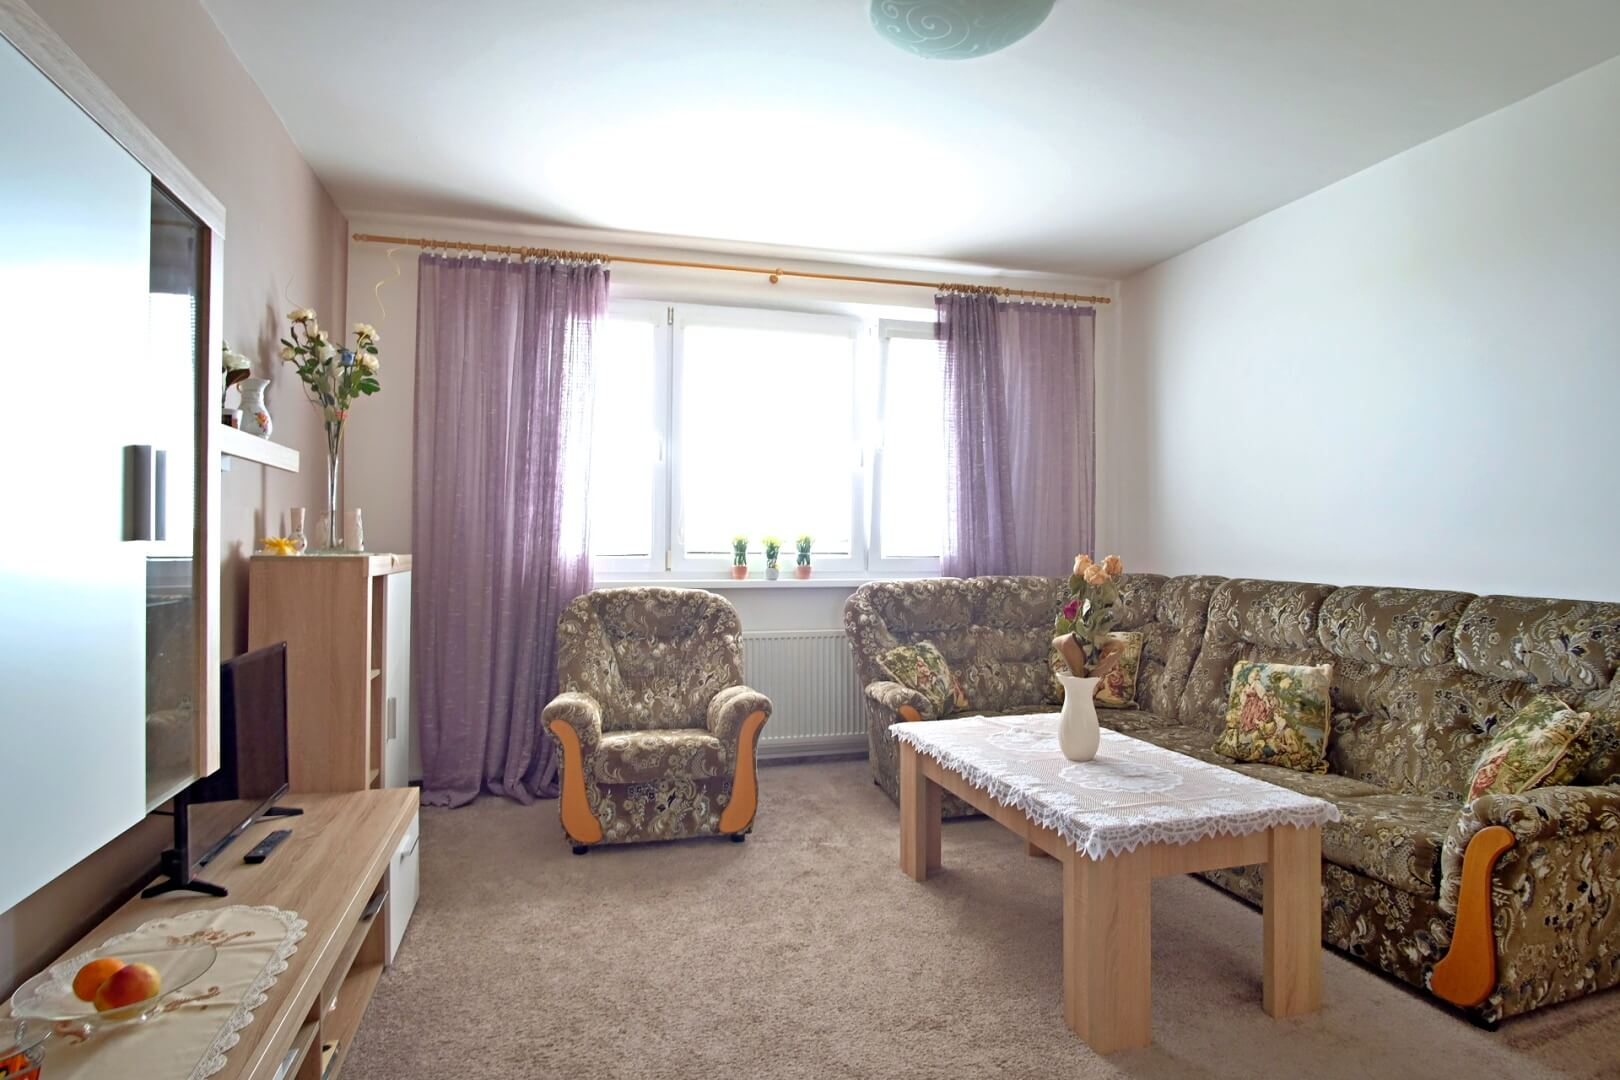 Predané: Na predaj 4 izbový byt v4-poschodovom bytovom dome svýťahom ulica Vyšehradská, Bratislava.-7